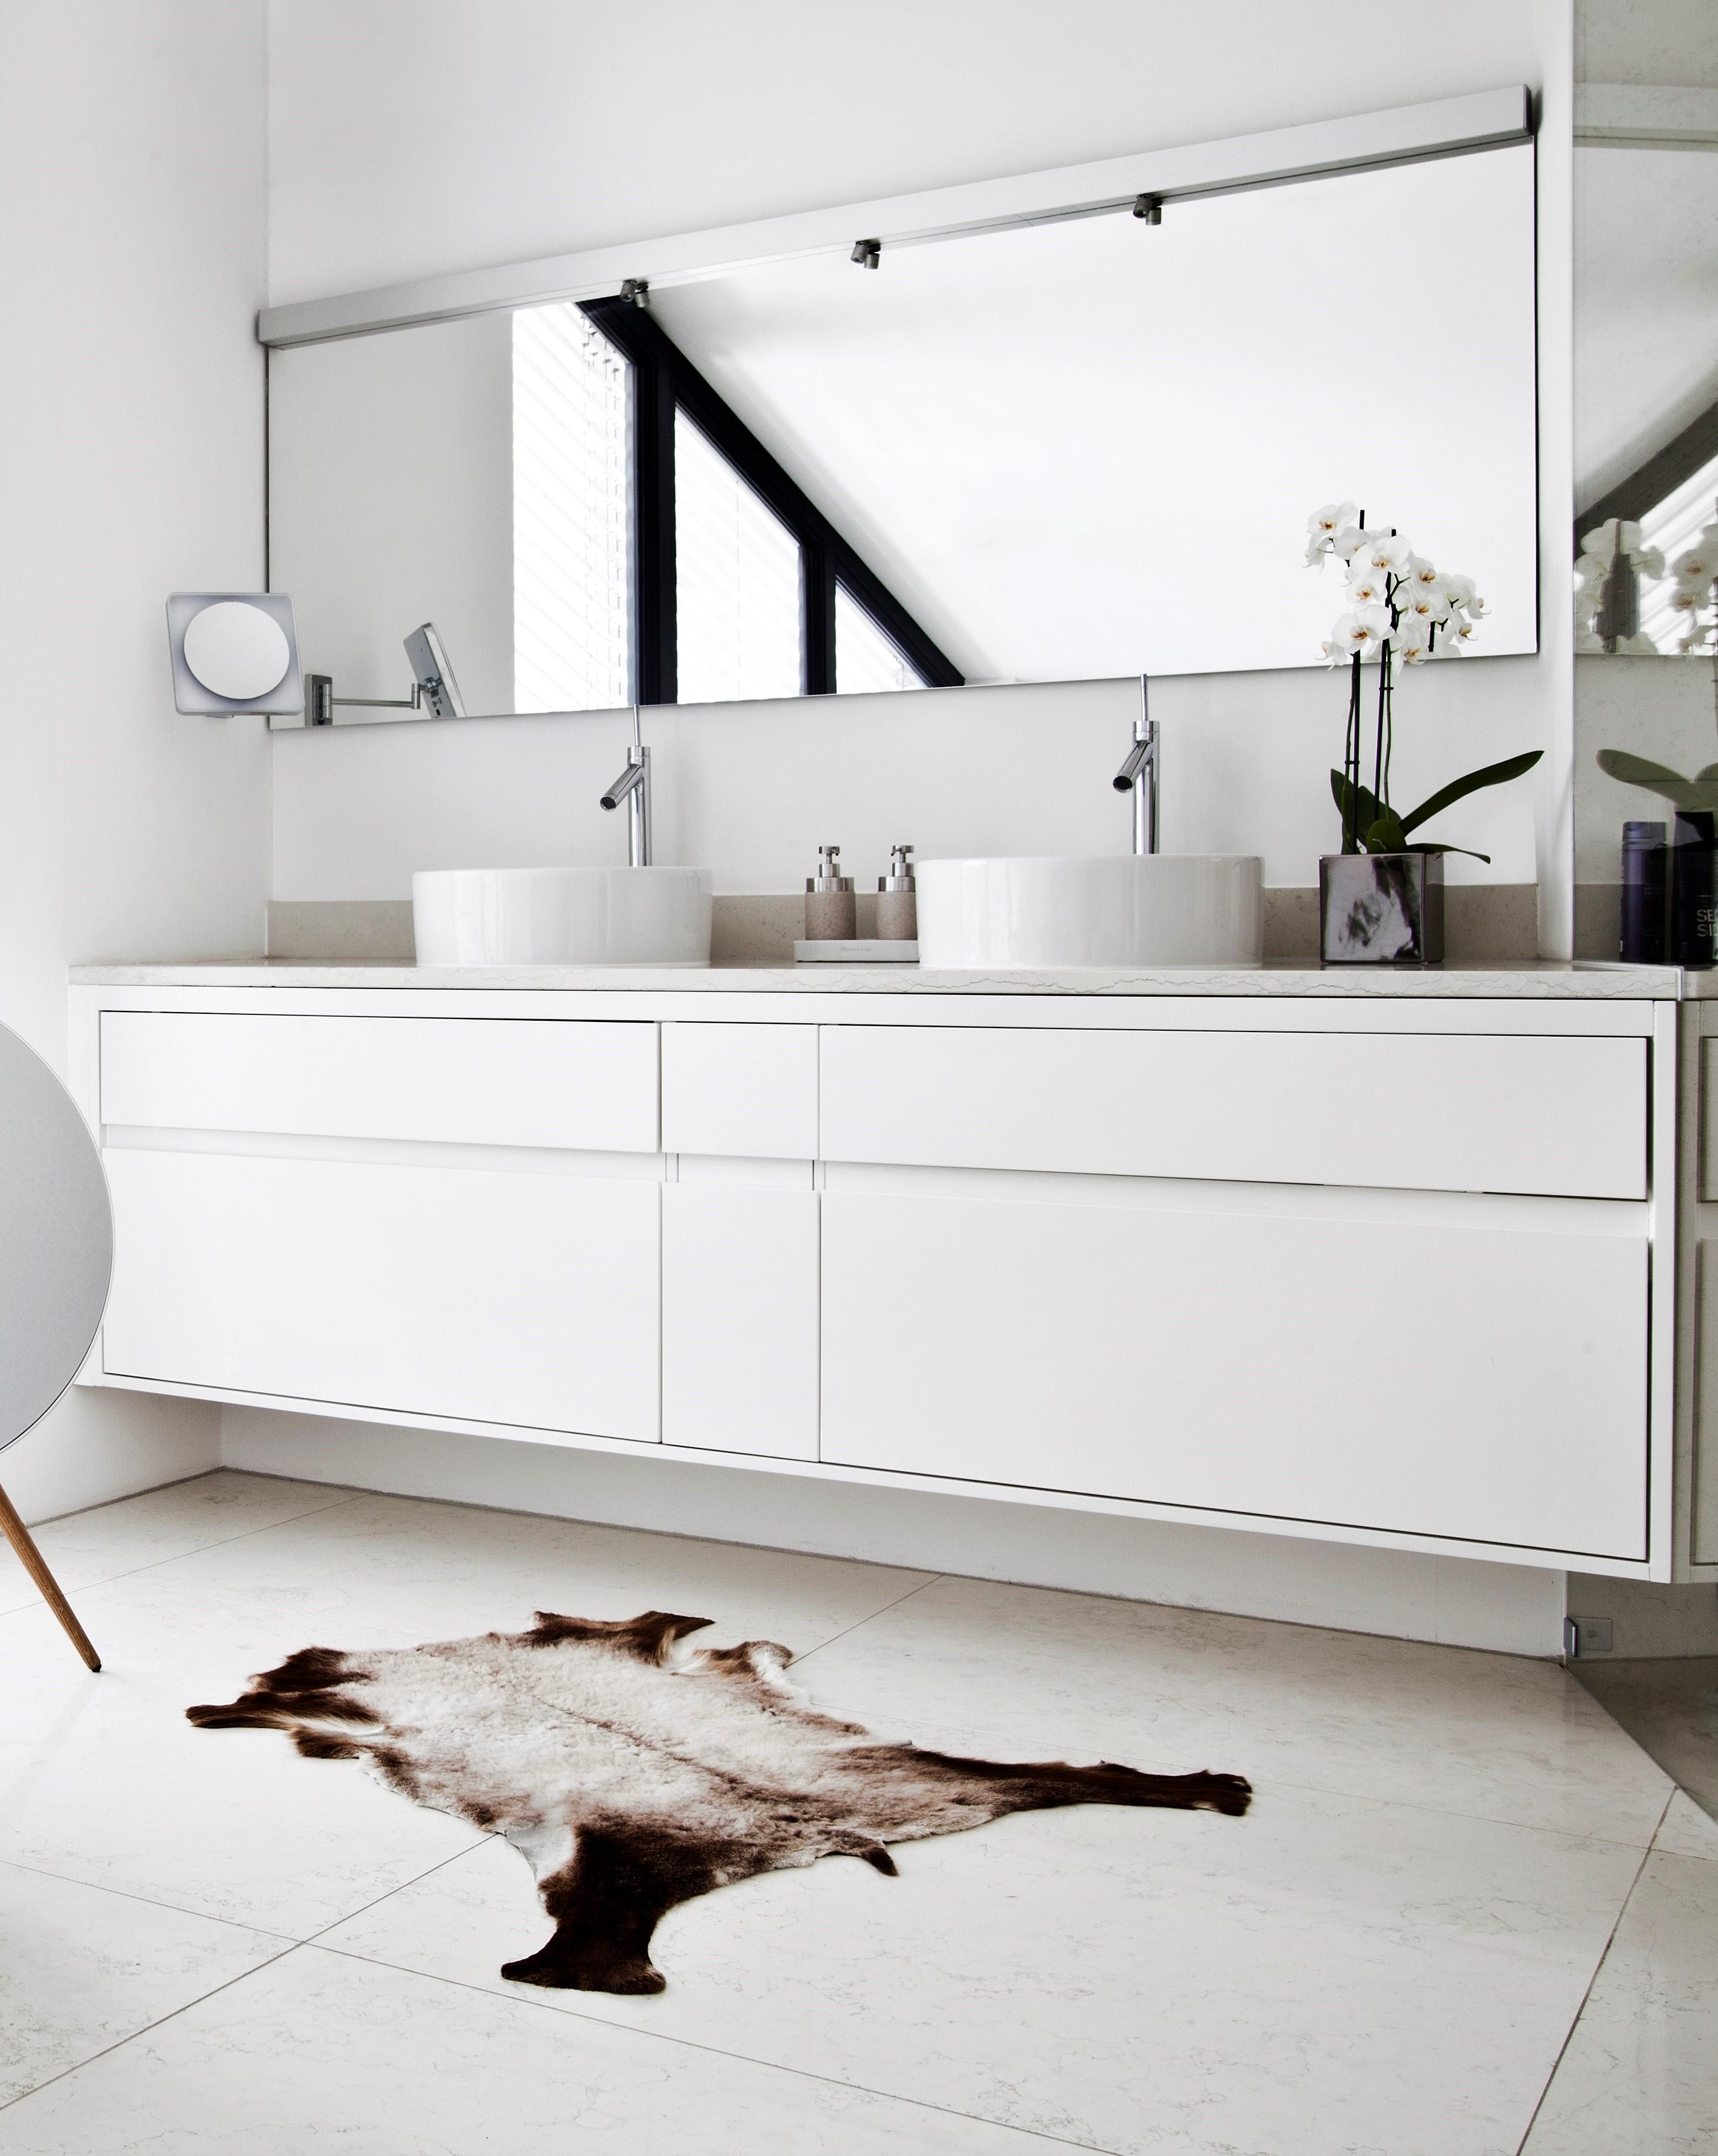 Ein weißes modernes Bad im puristischen Stil mit einer Orchidee und einem Fell auf dem Boden als Deko